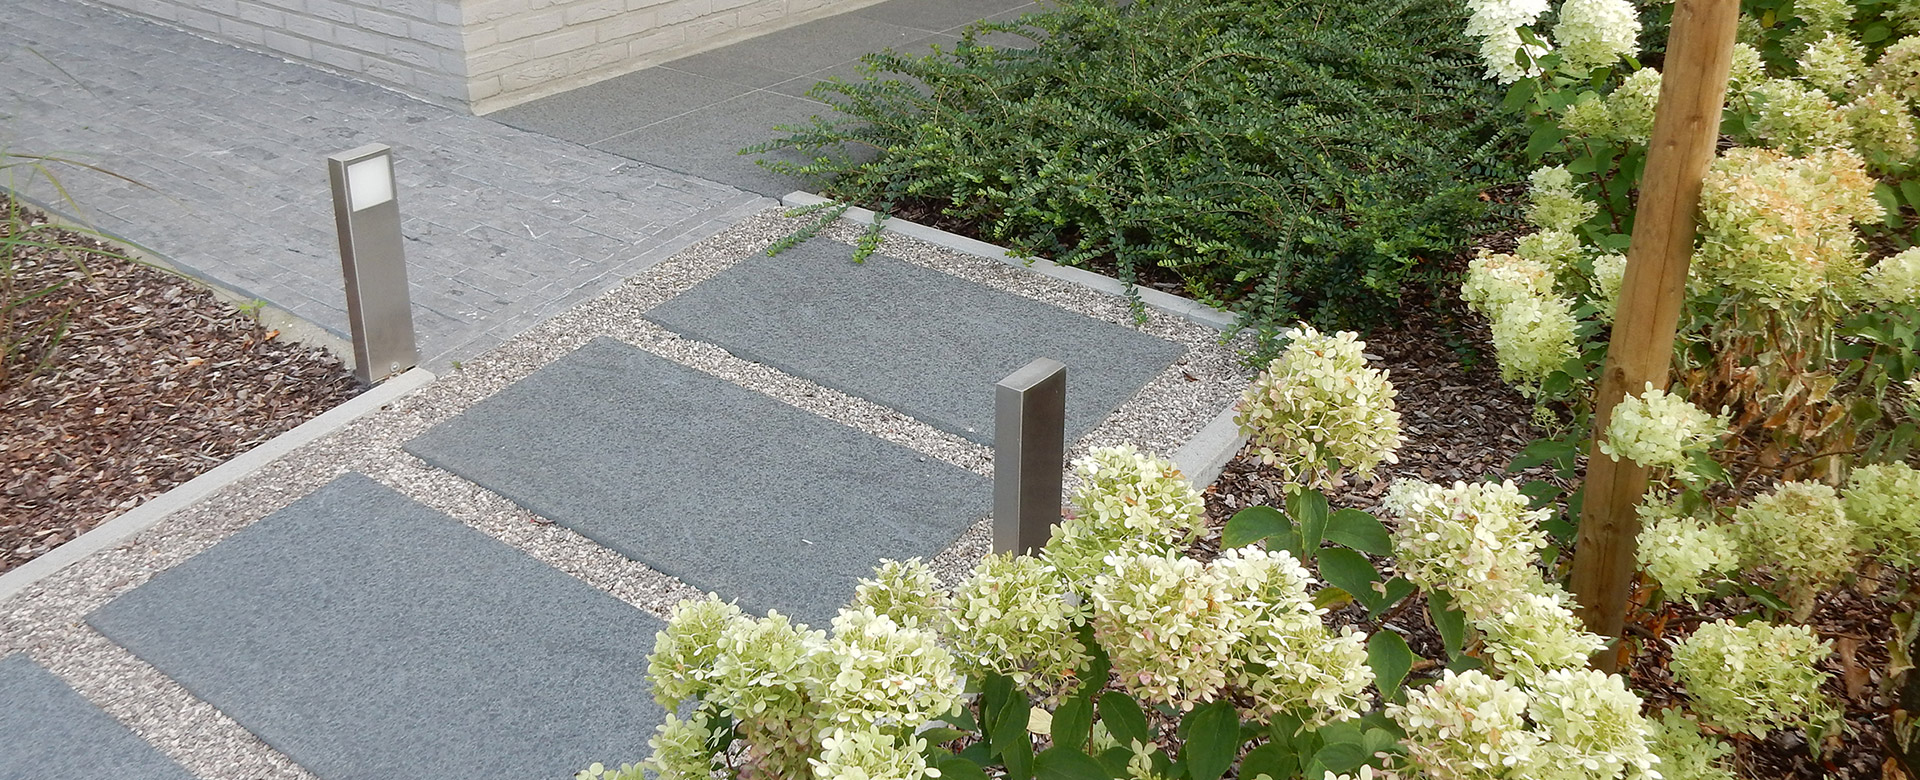 Aanleg terrassen en opritten terrassen in natuursteen hardhout betonklinkers kleiklinkers - Maak een grind steegje ...